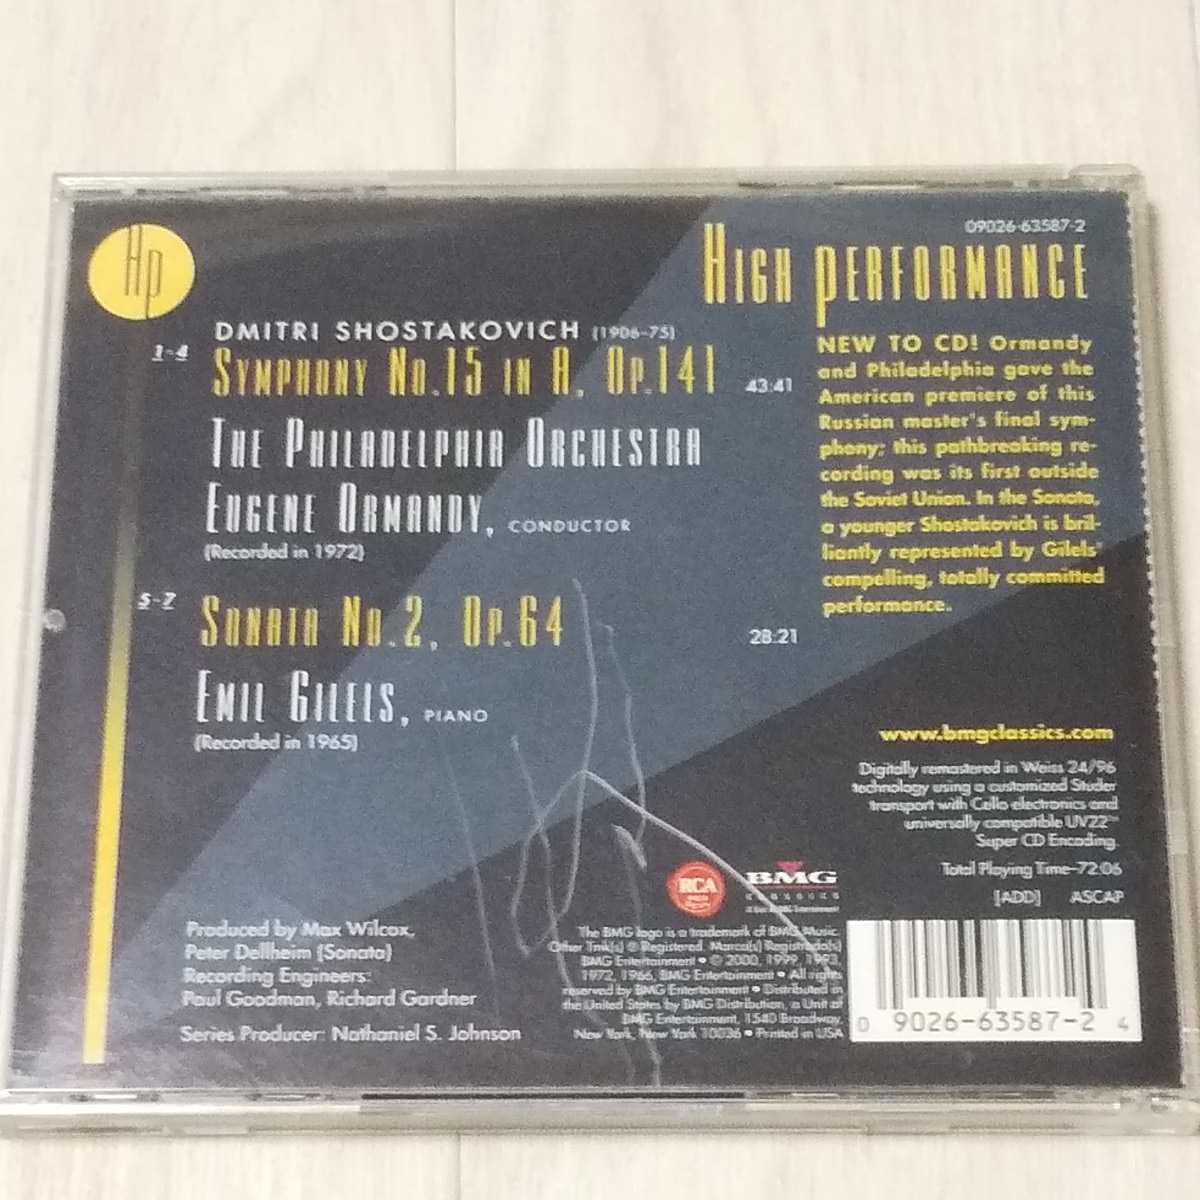 オーマンディ、ギレリス ショスタコーヴィチ 交響曲第15番、ピアノソナタ第2番_画像2